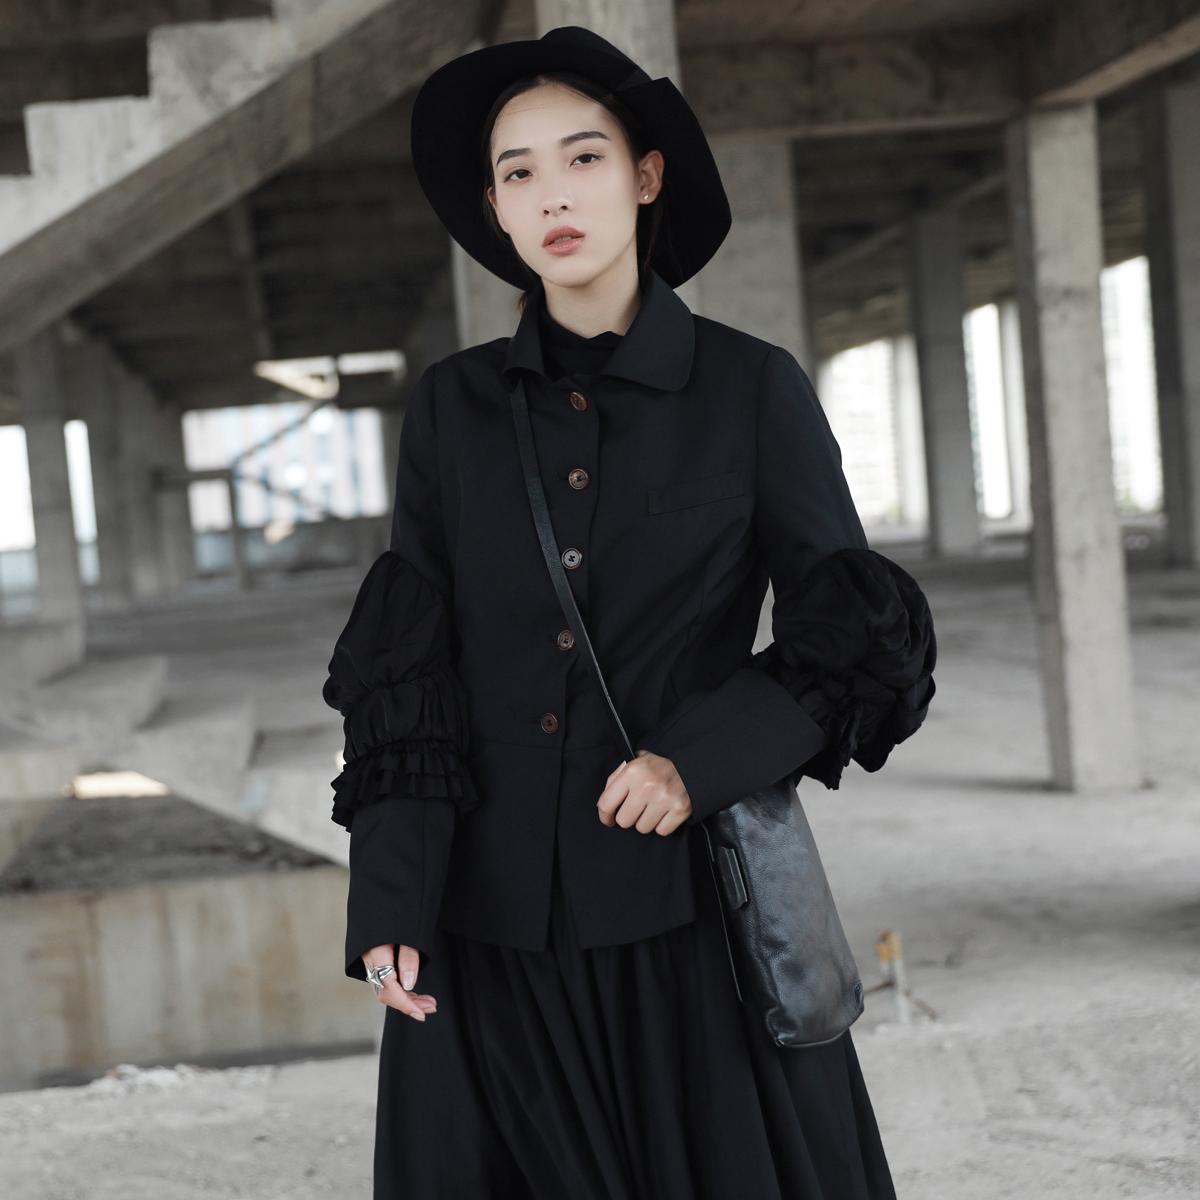 黑色小西装 SIMPLE BLACK 暗黑风个性泡泡袖造型修身小西装外套_推荐淘宝好看的黑色小西装